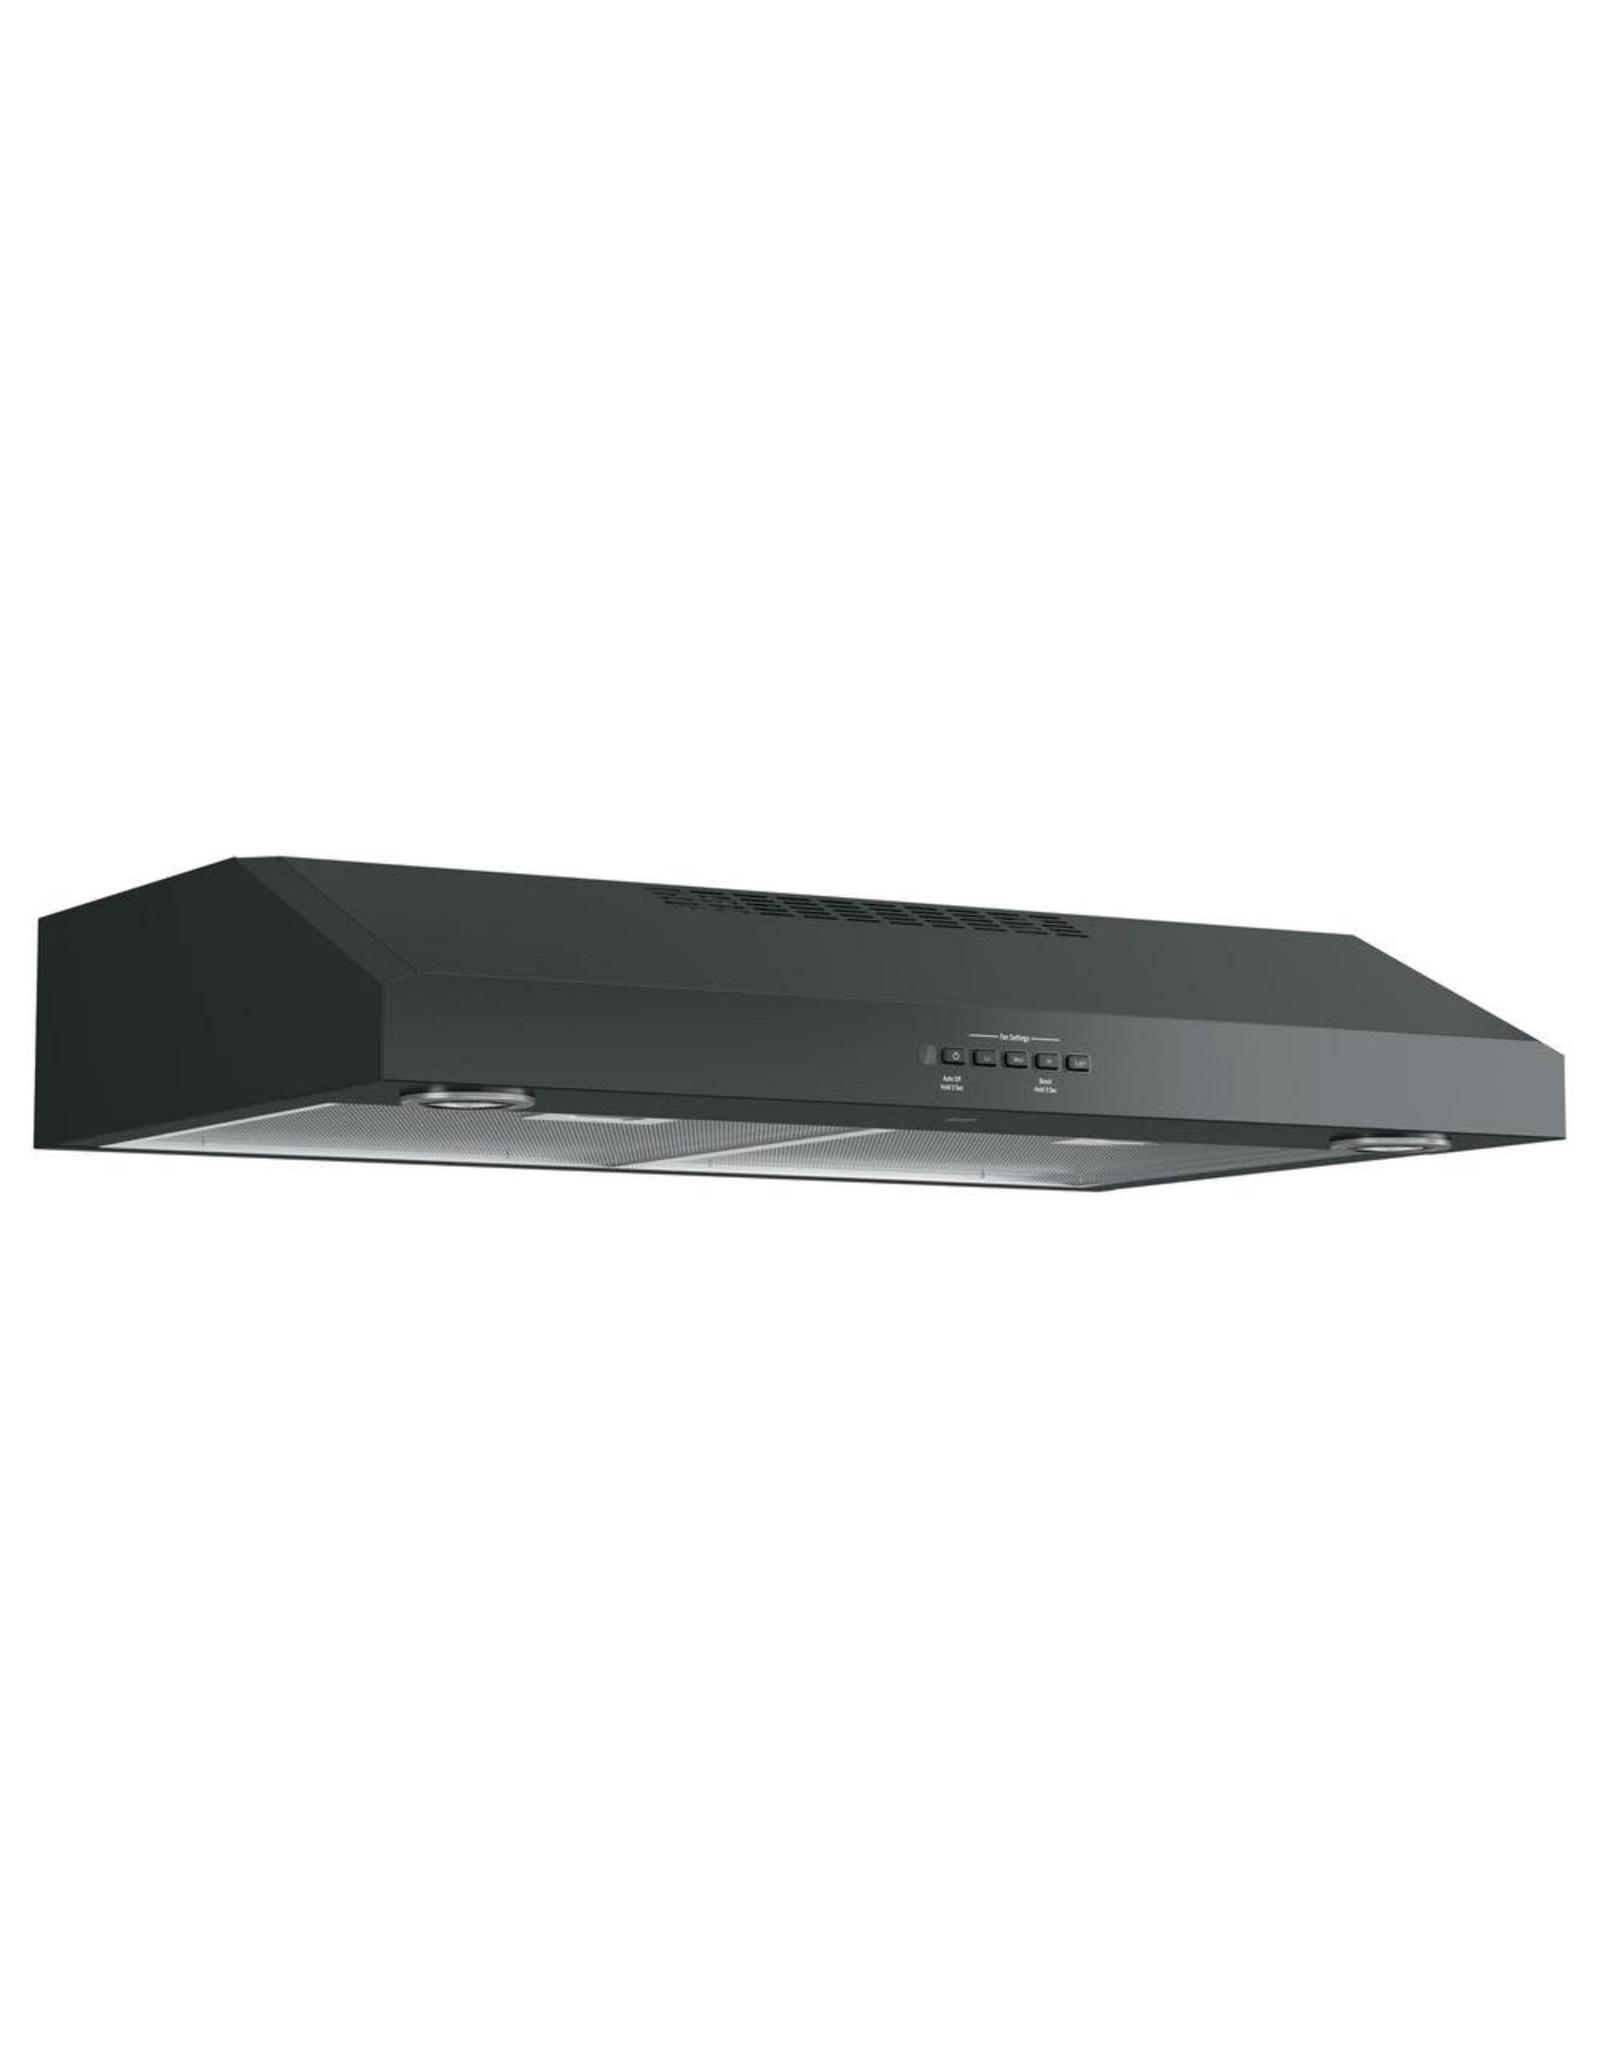 GE IN THE BOX JVX5300DJBB 30 in. Under the Cabinet Range Hood in Black